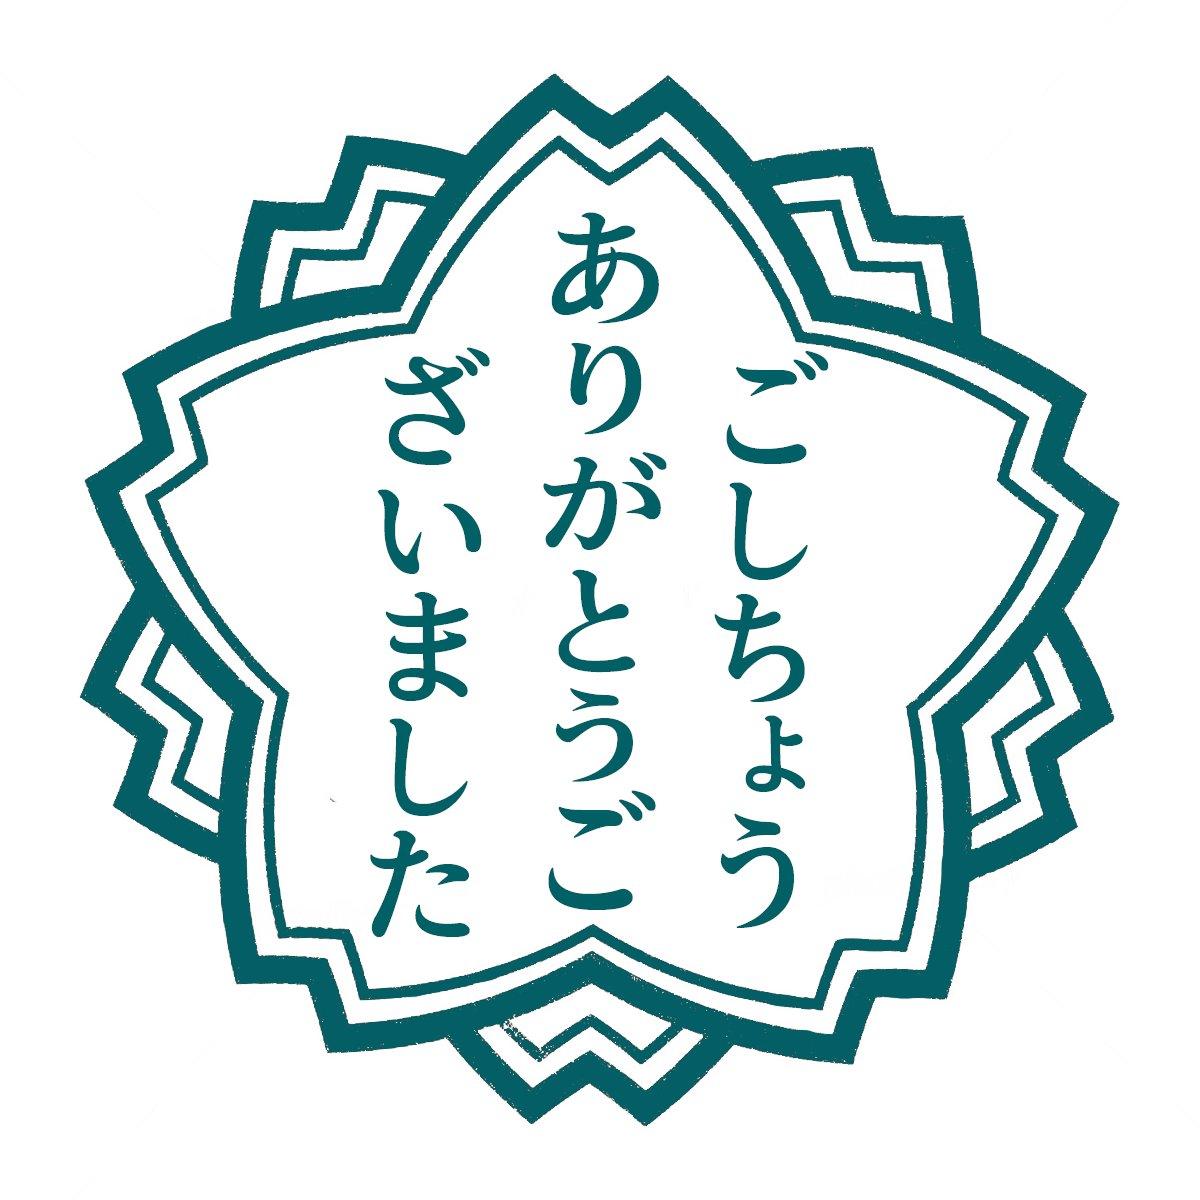 あの 熱に浮かされたような日々を 憶えていますか?  汐留番組やインスタライブで 名所ロスをしのいでる綱渡りな皆様 名所TVerは本日23:59まで! #駆け込めTVer  52回観て頂いた #名所民 ごしちょうありがとうございました!  #名所から一番近い家 #名所は遠い日の花火ではない  tver.jp/corner/f0074076